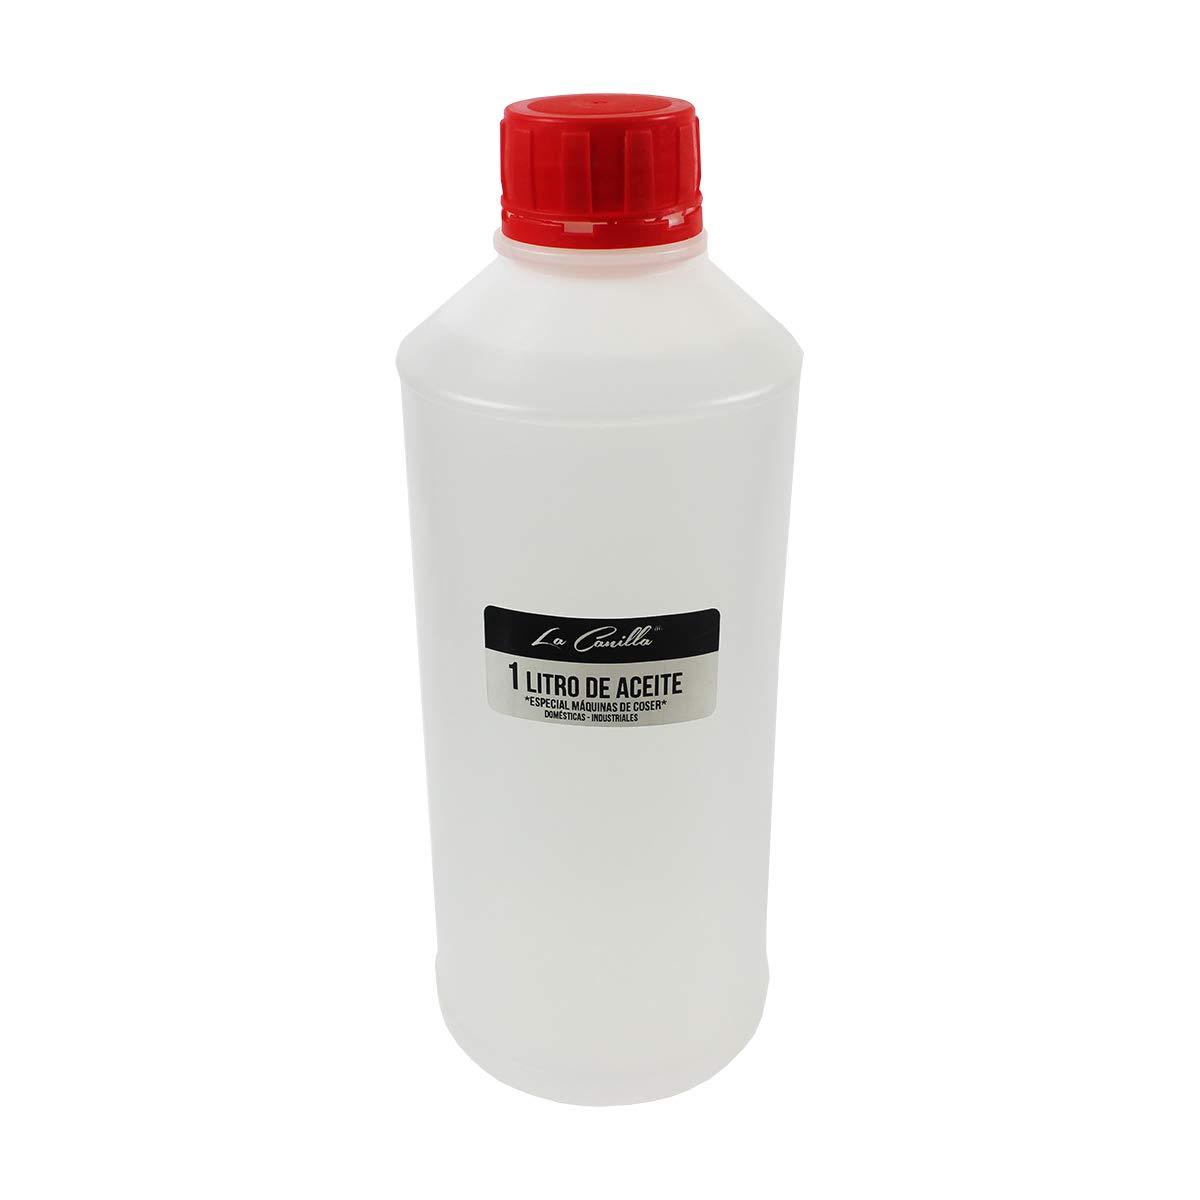 La Canilla ® - 1 Litro de Aceite para Máquinas de Coser B: Amazon.es: Hogar